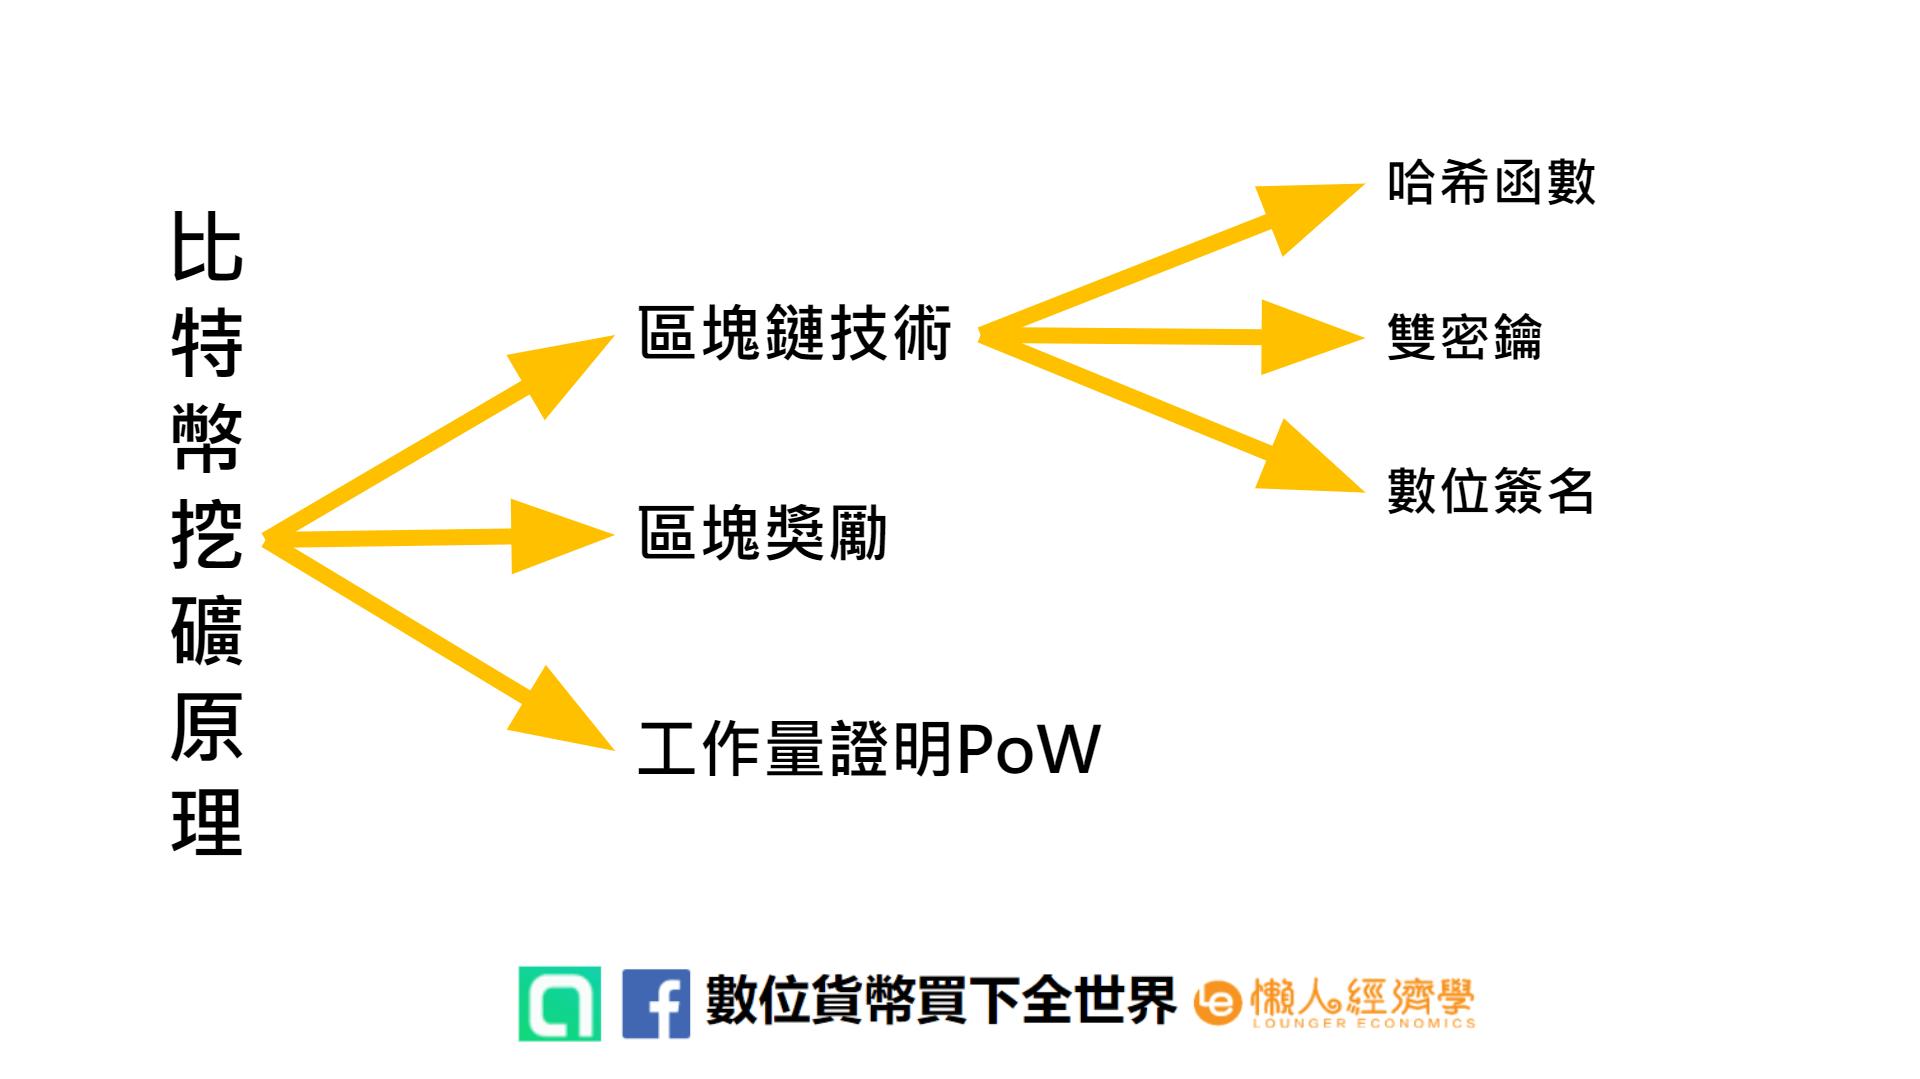 比特幣挖礦原理結構圖